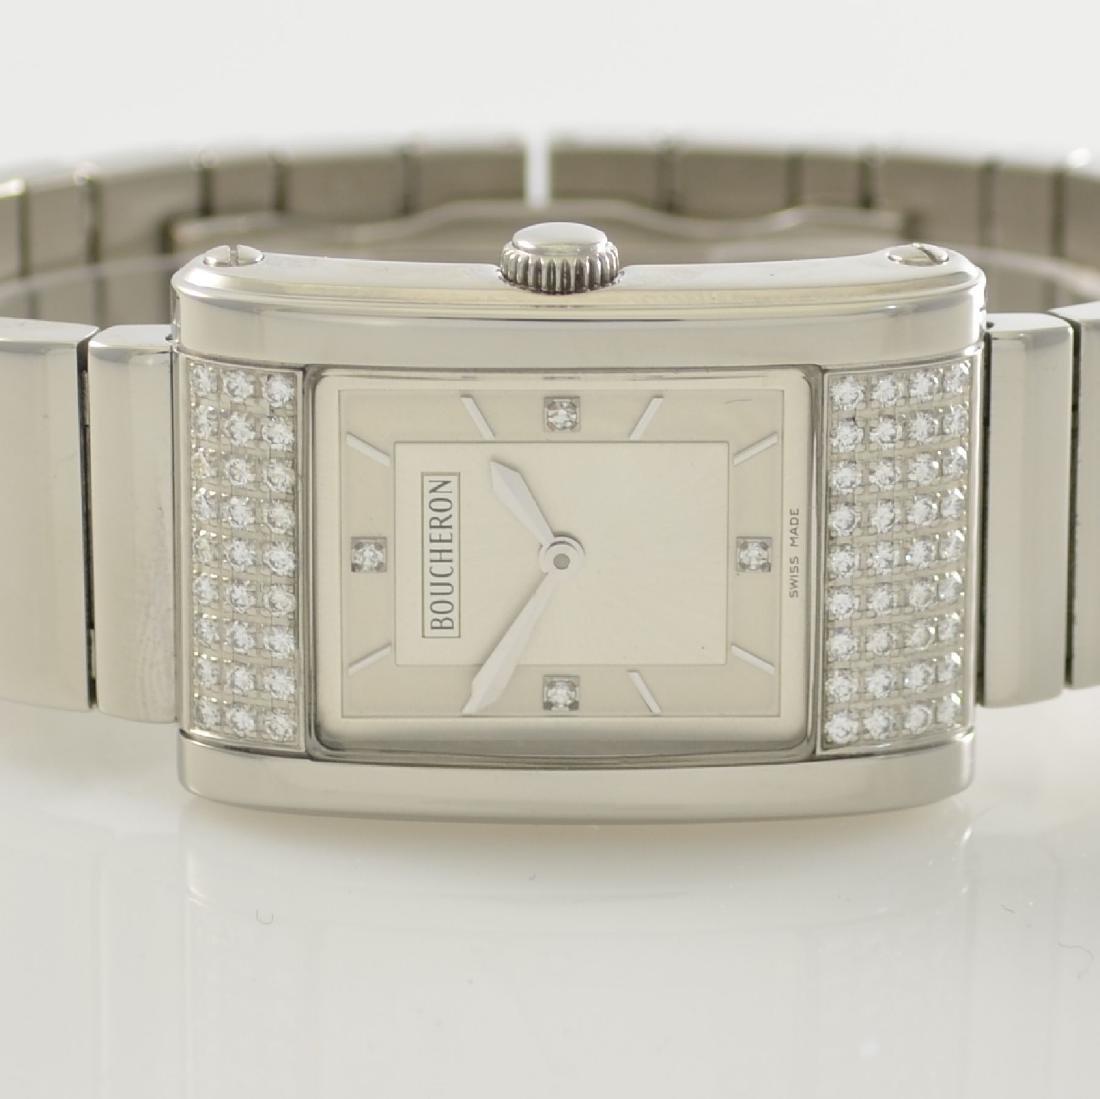 BOUCHERON ladies wristwatch series Reflet - 2